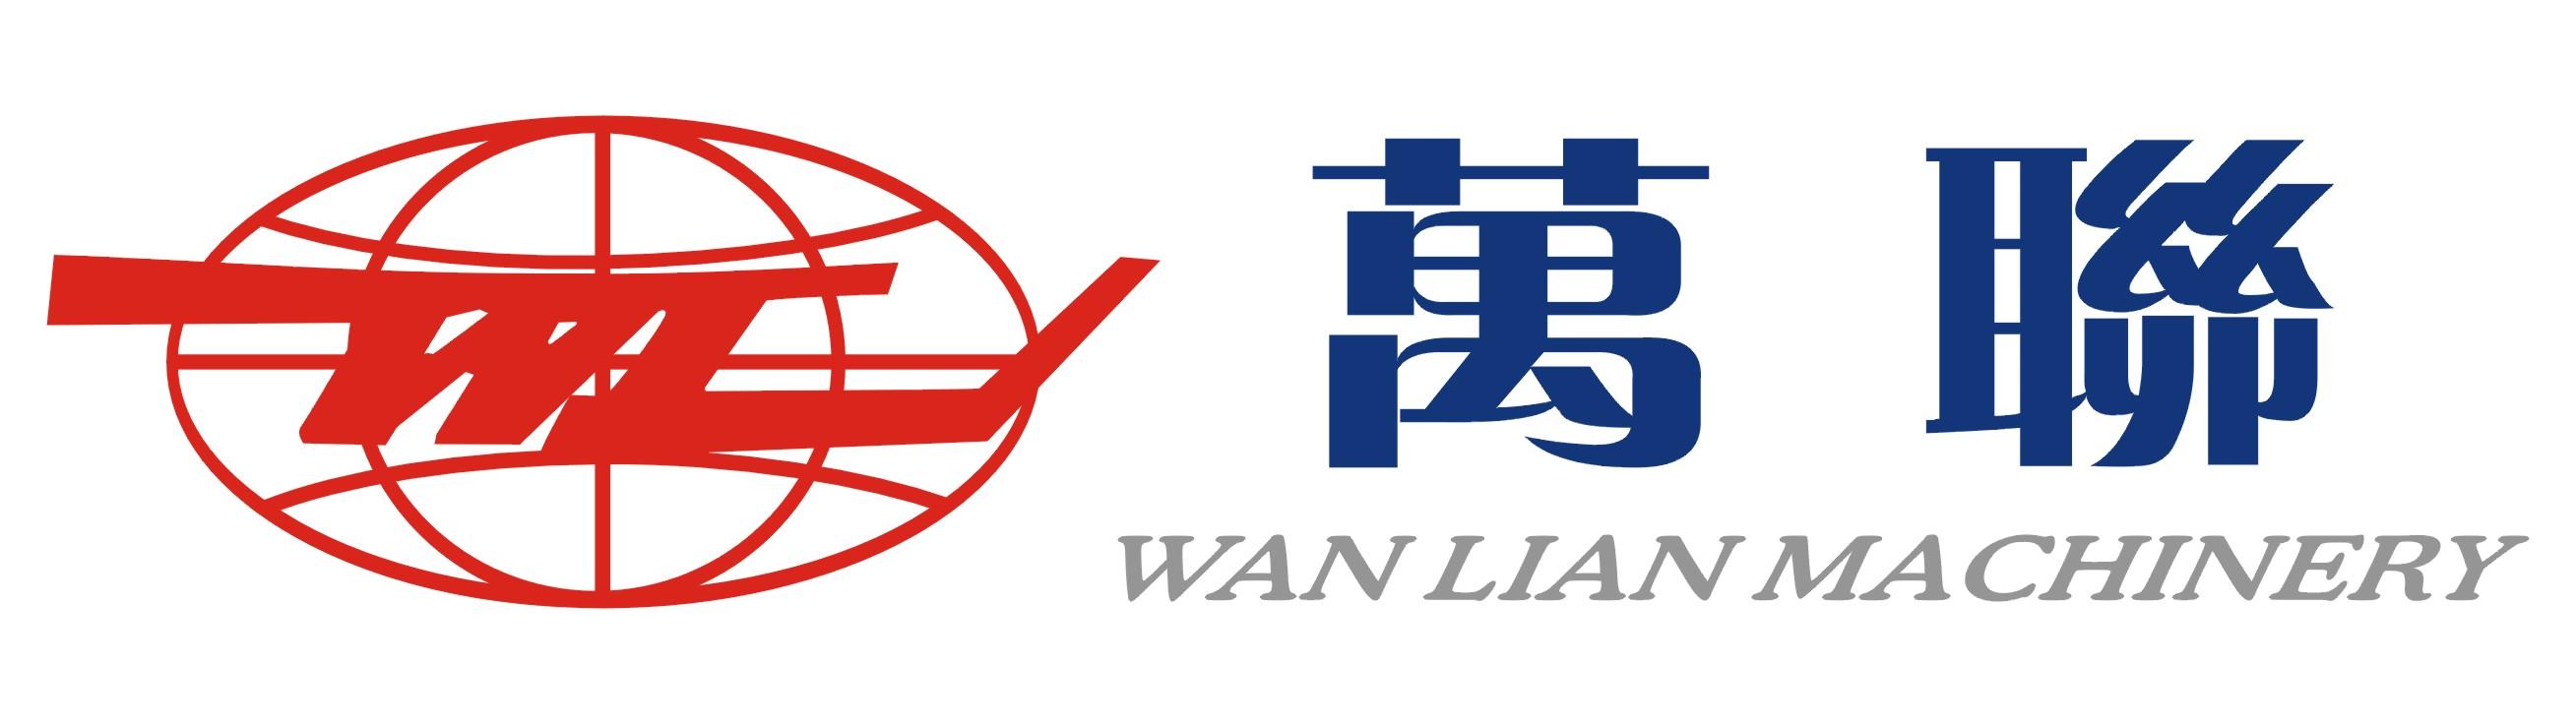 GUANGDONG WANLIAN PACKAGING MACHINERY CO., LTD.